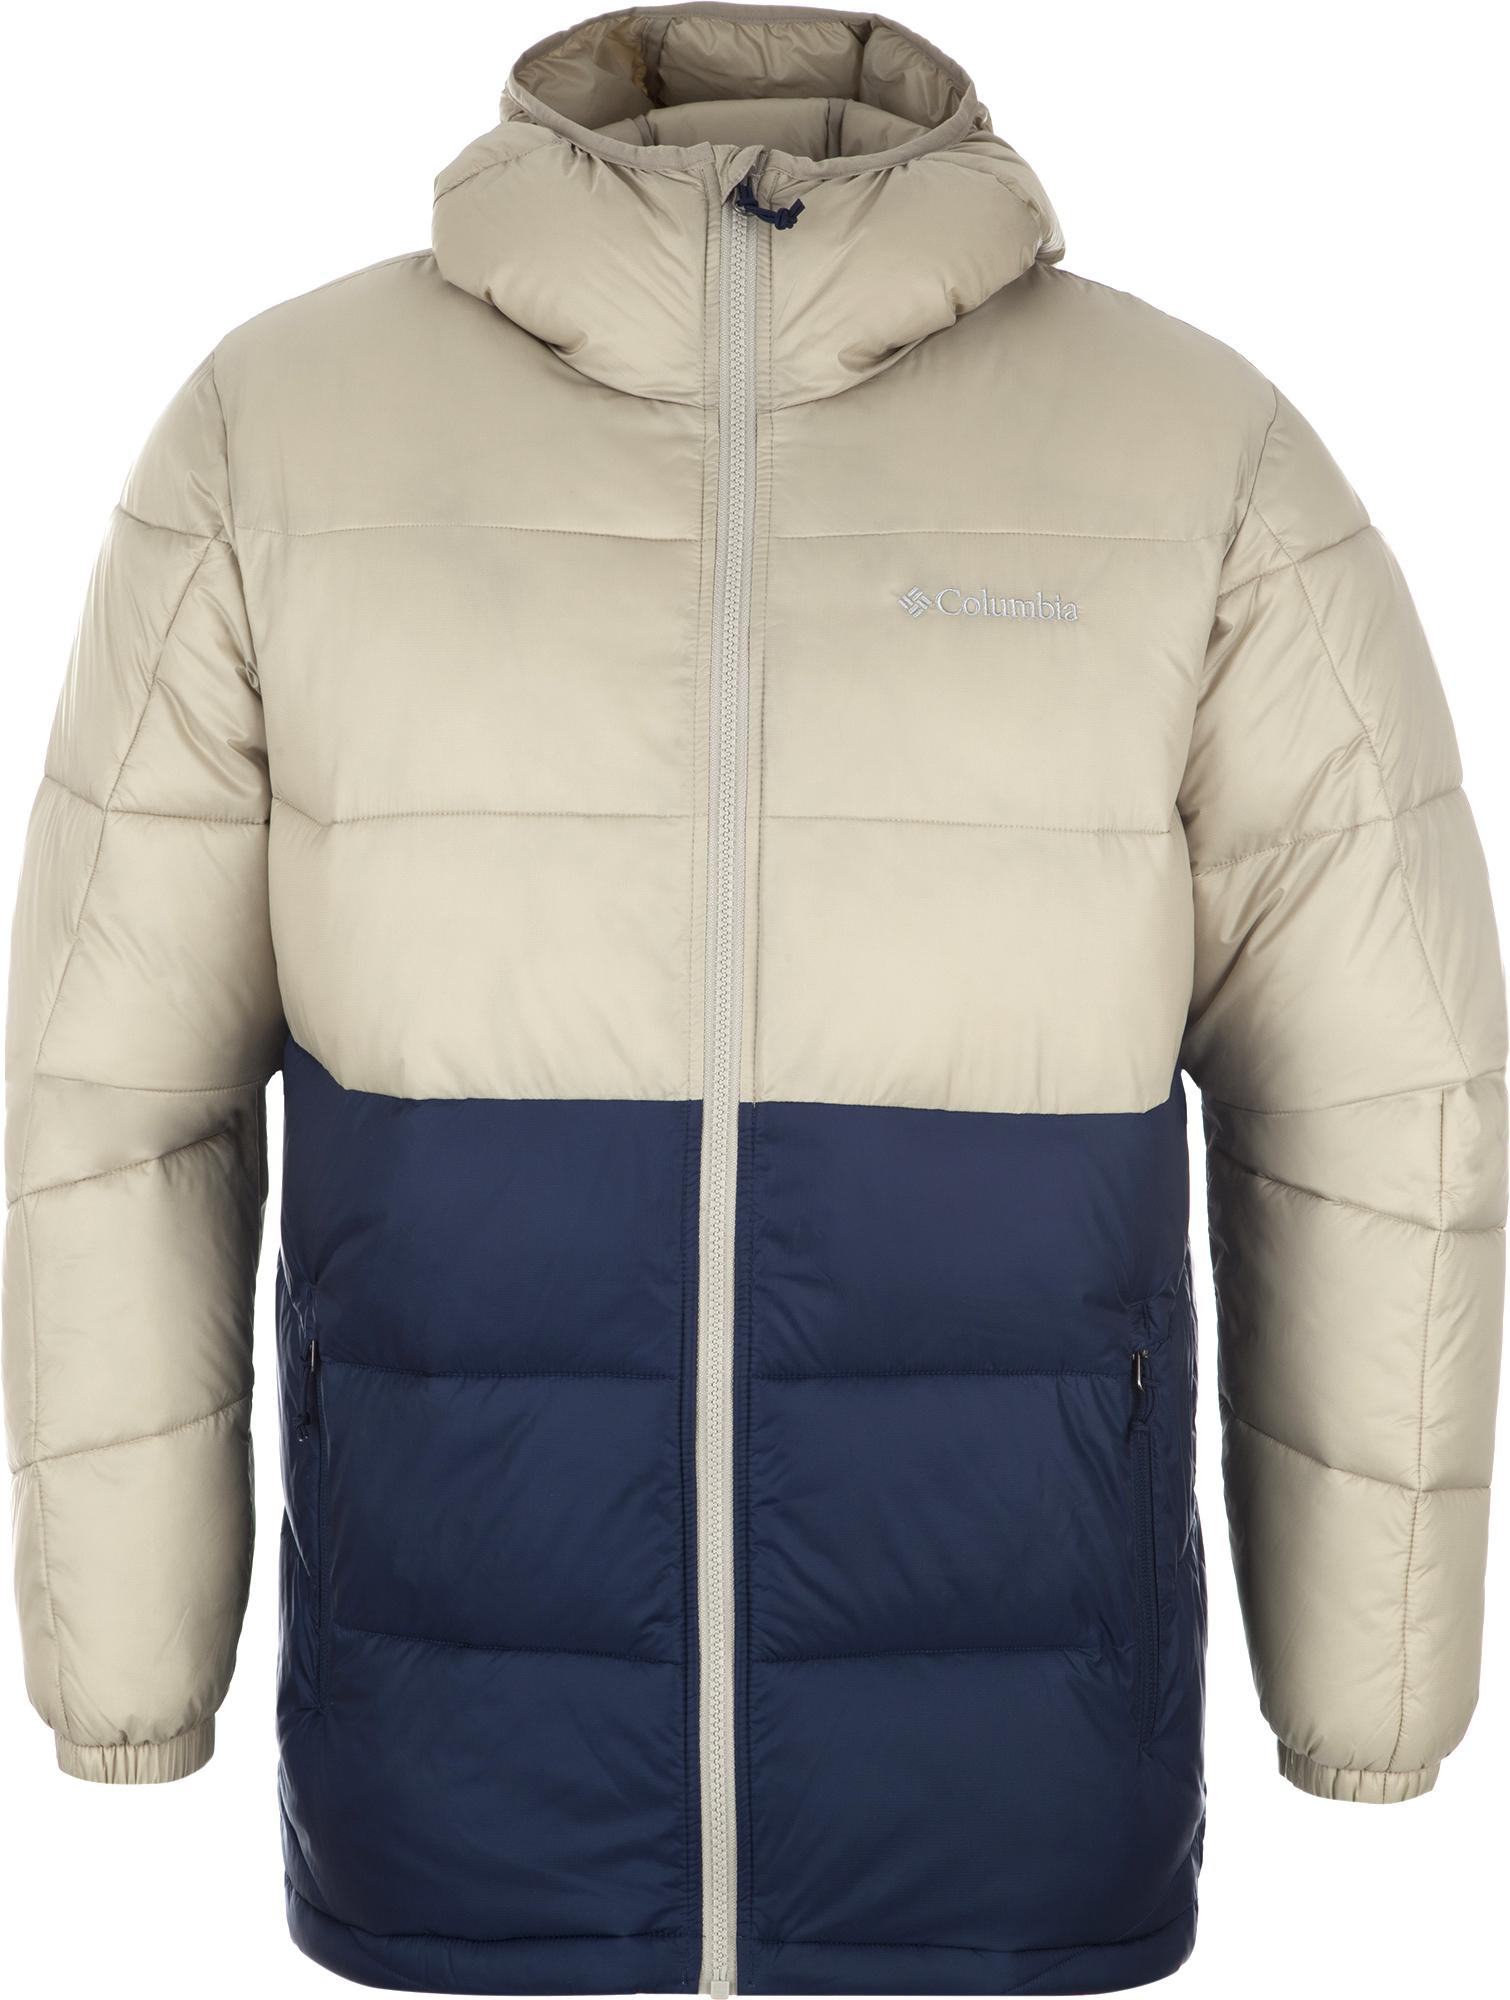 Columbia Куртка утепленная мужская Columbia Munson Point columbia куртка утепленная мужская columbia mount tabor